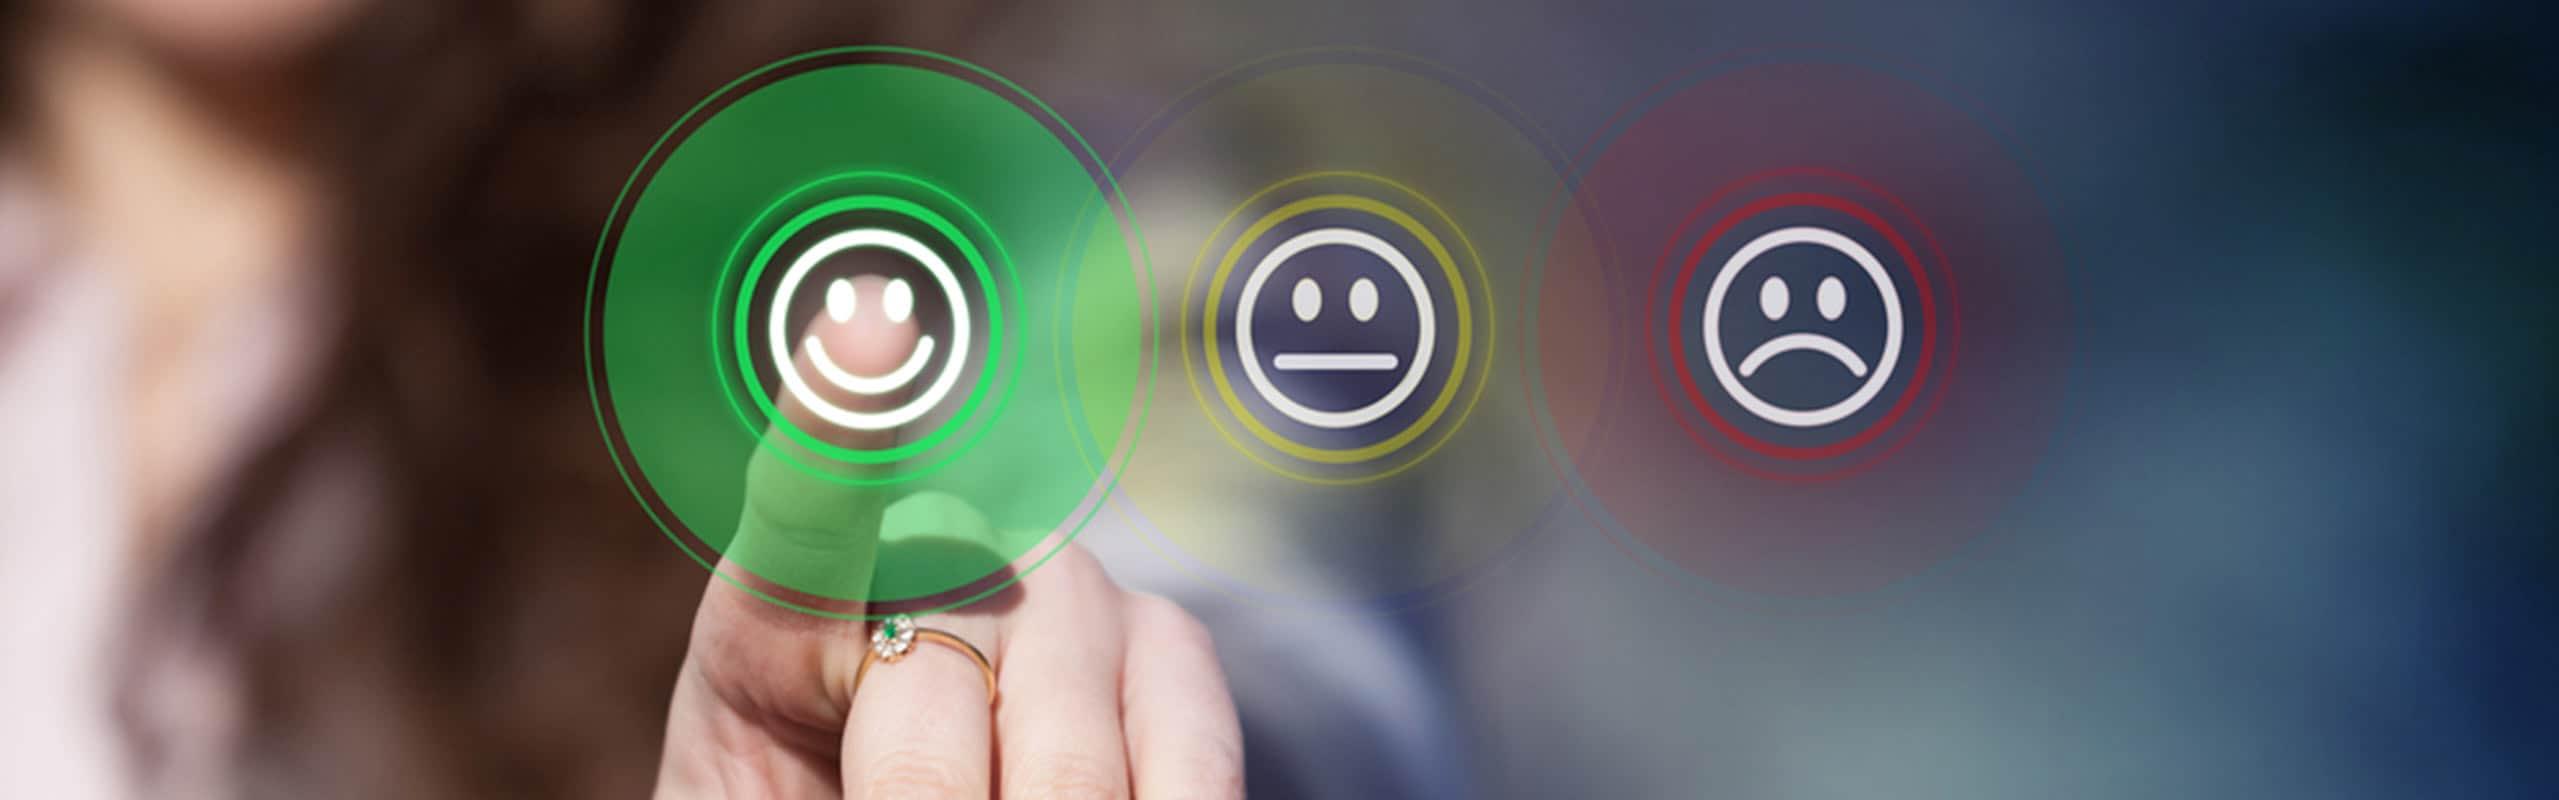 Descubre las claves para fidelizar a tus clientes